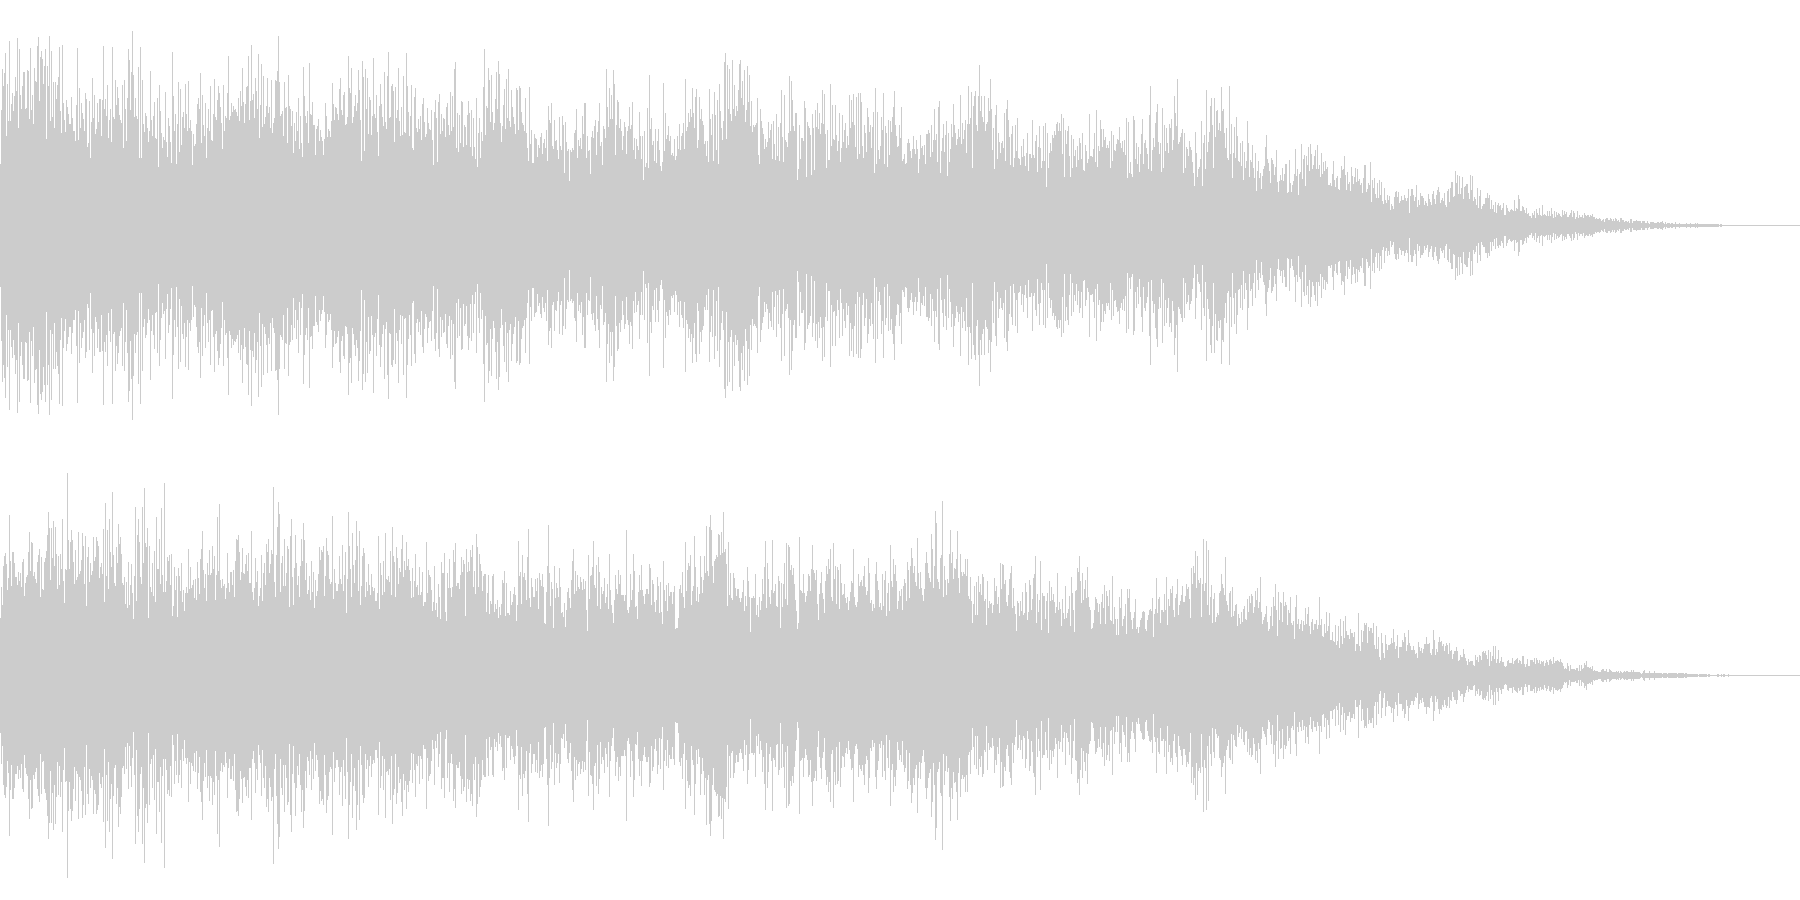 ホラー系アタック音19の未再生の波形